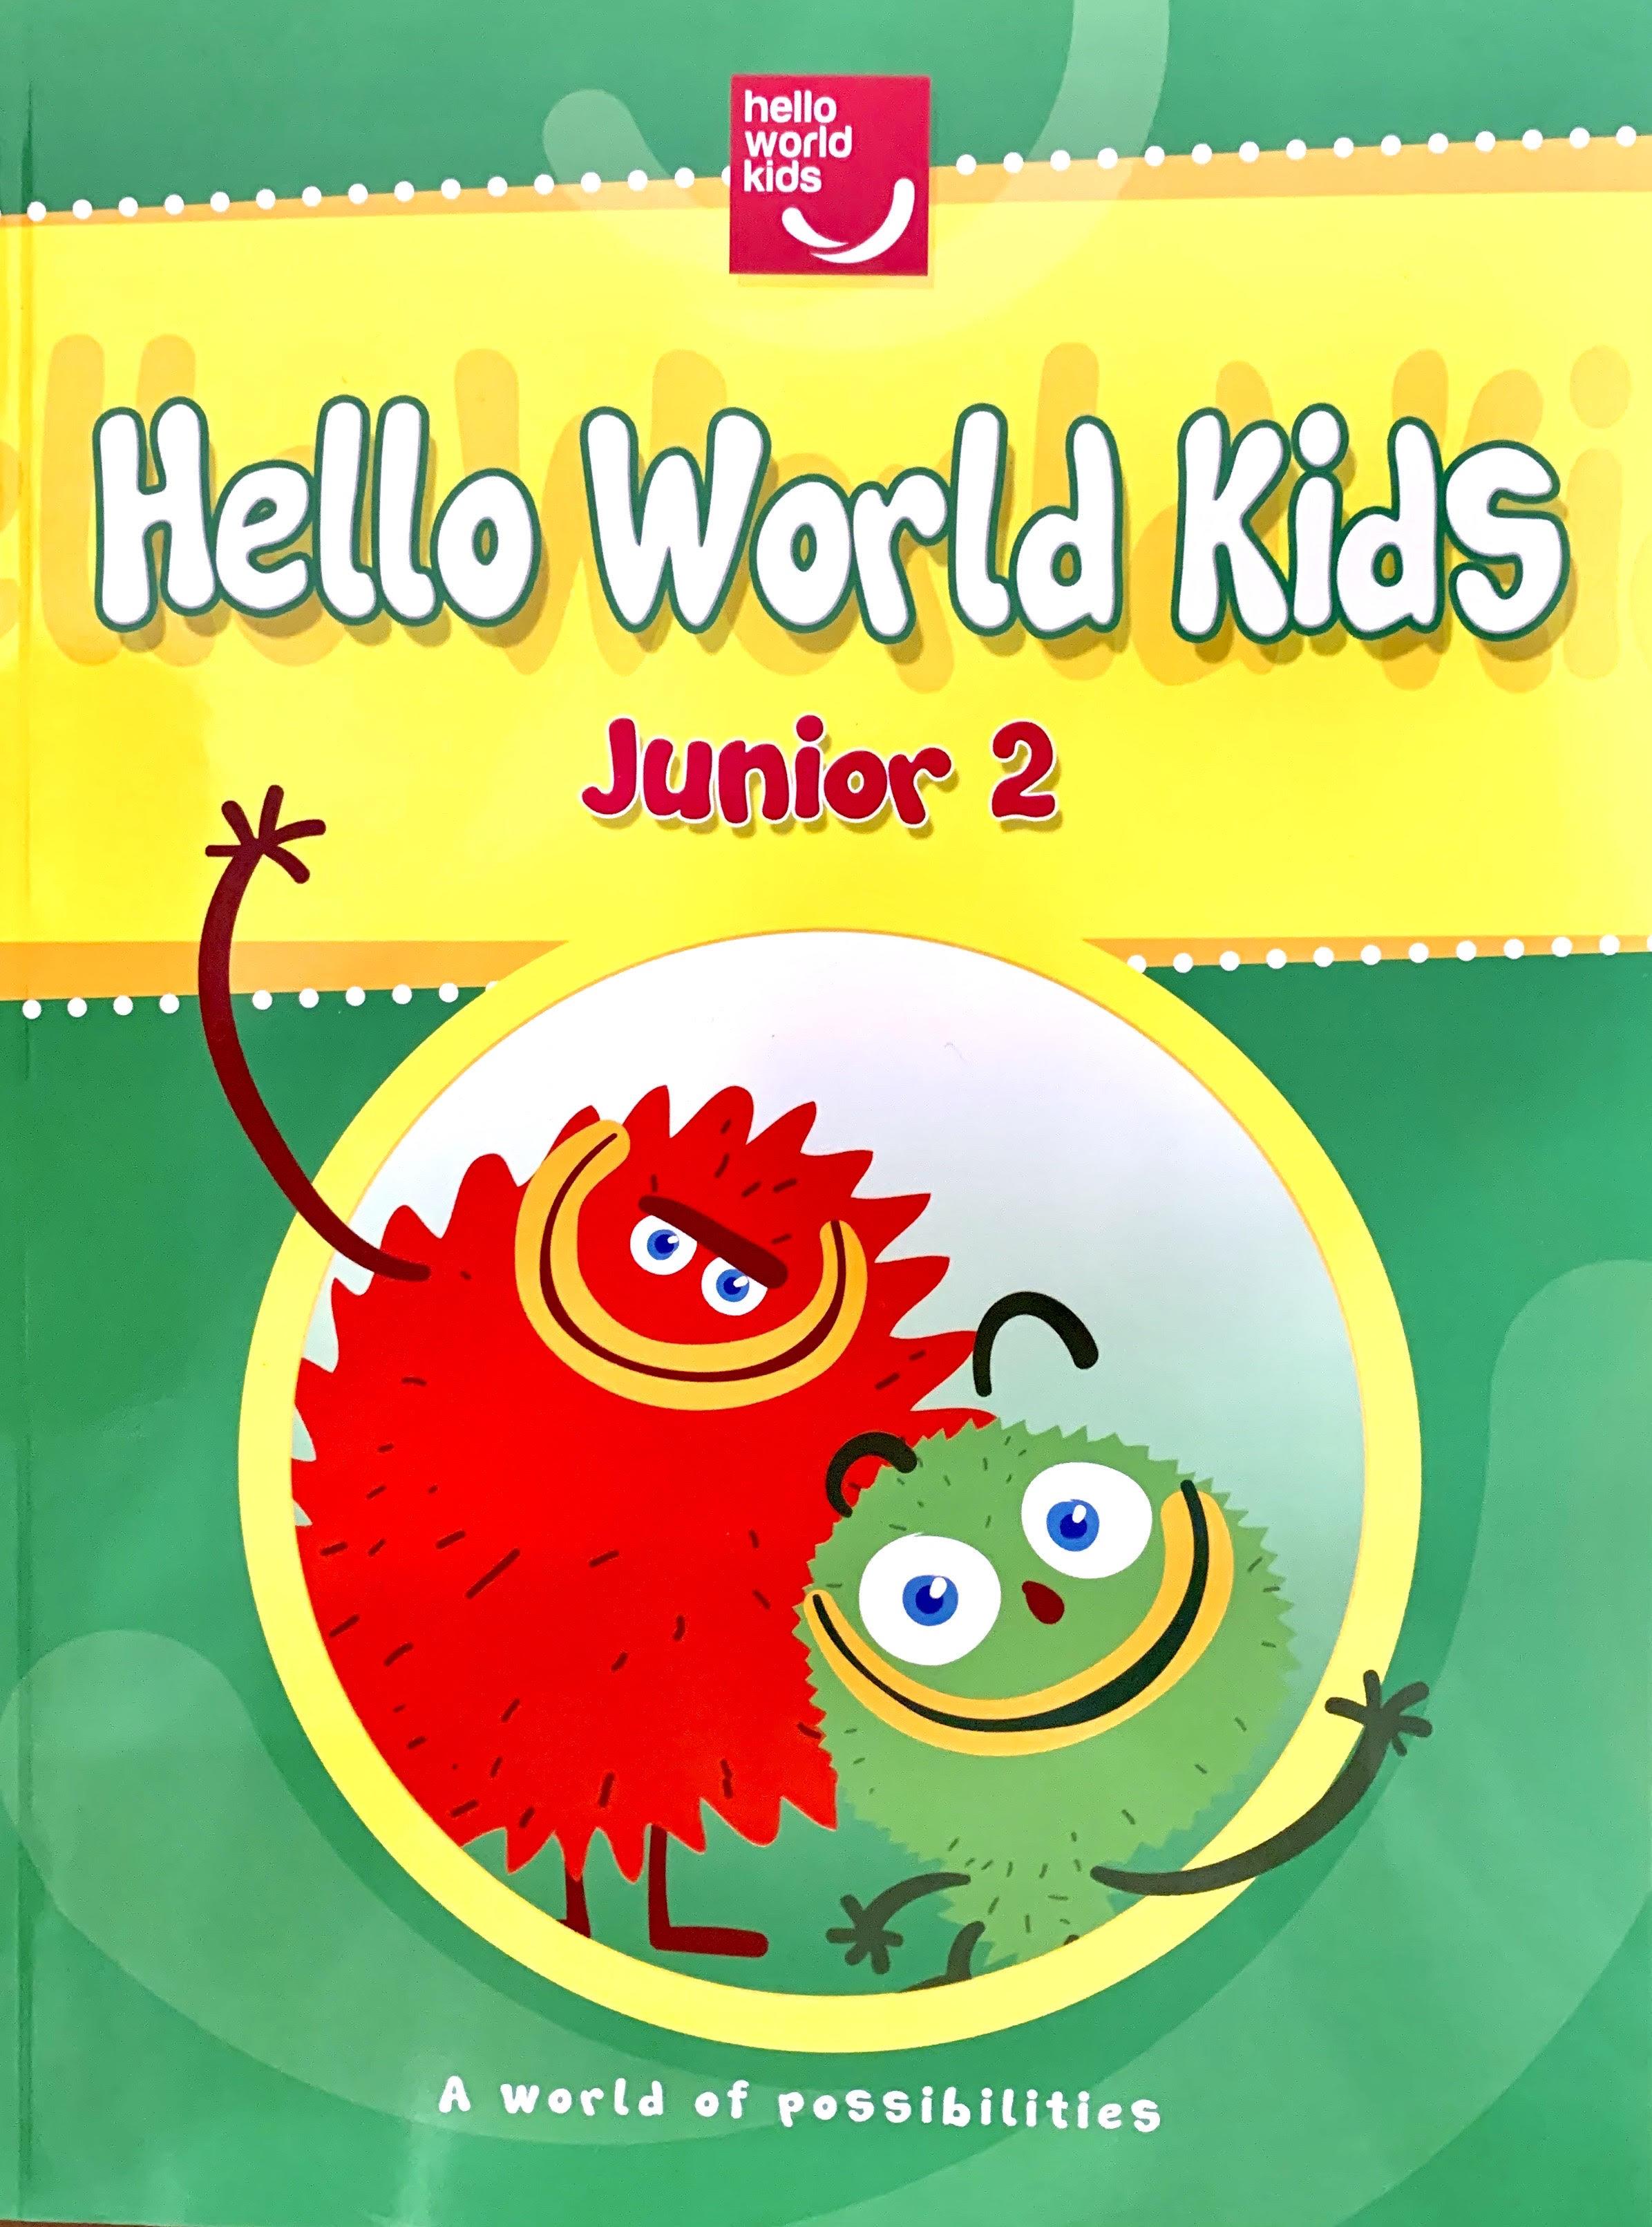 Hello World Kids Junior 2